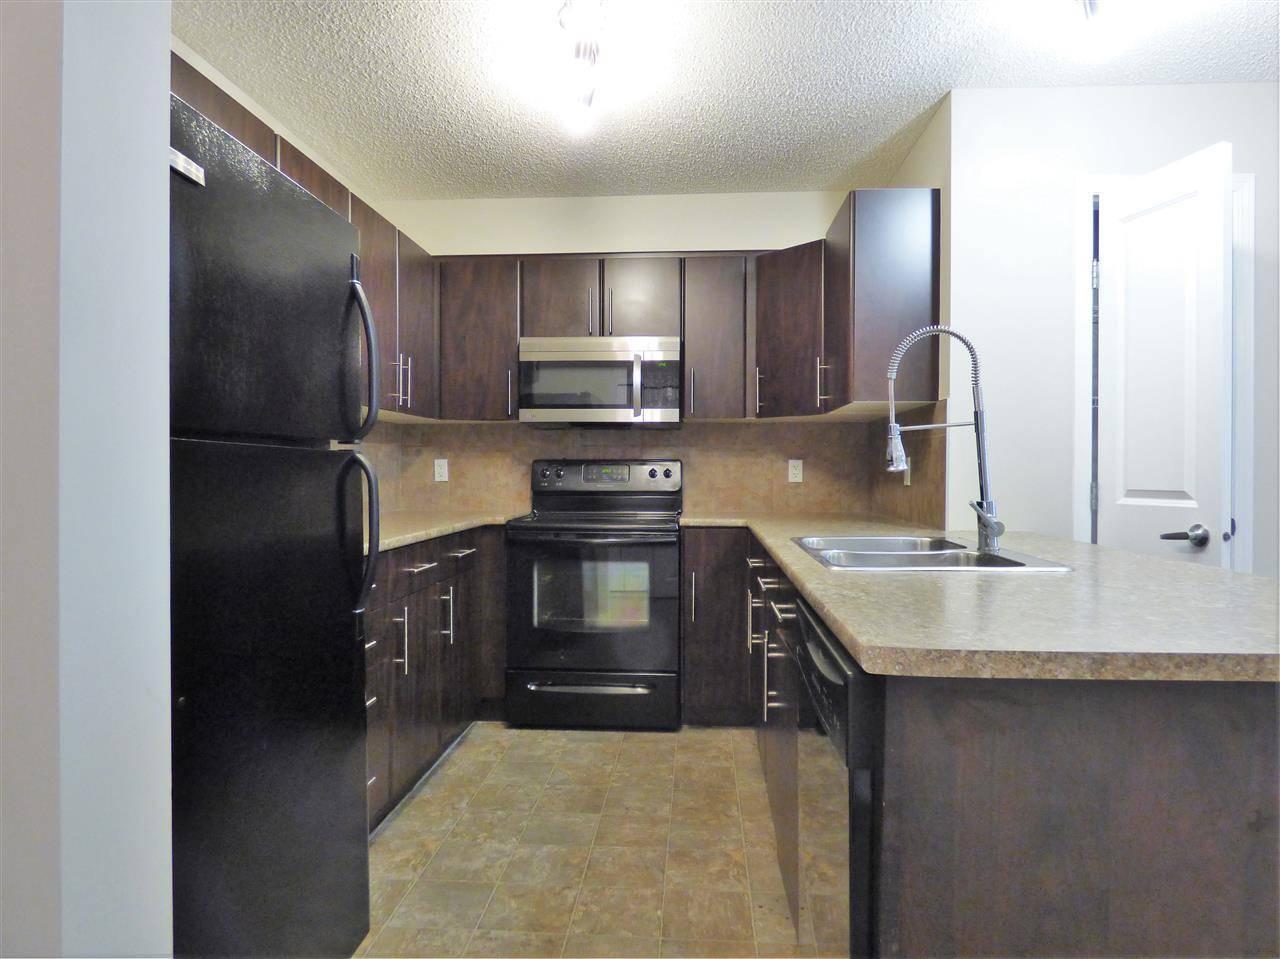 Condo for sale at 103 Ambleside Dr Sw Unit 204 Edmonton Alberta - MLS: E4188041